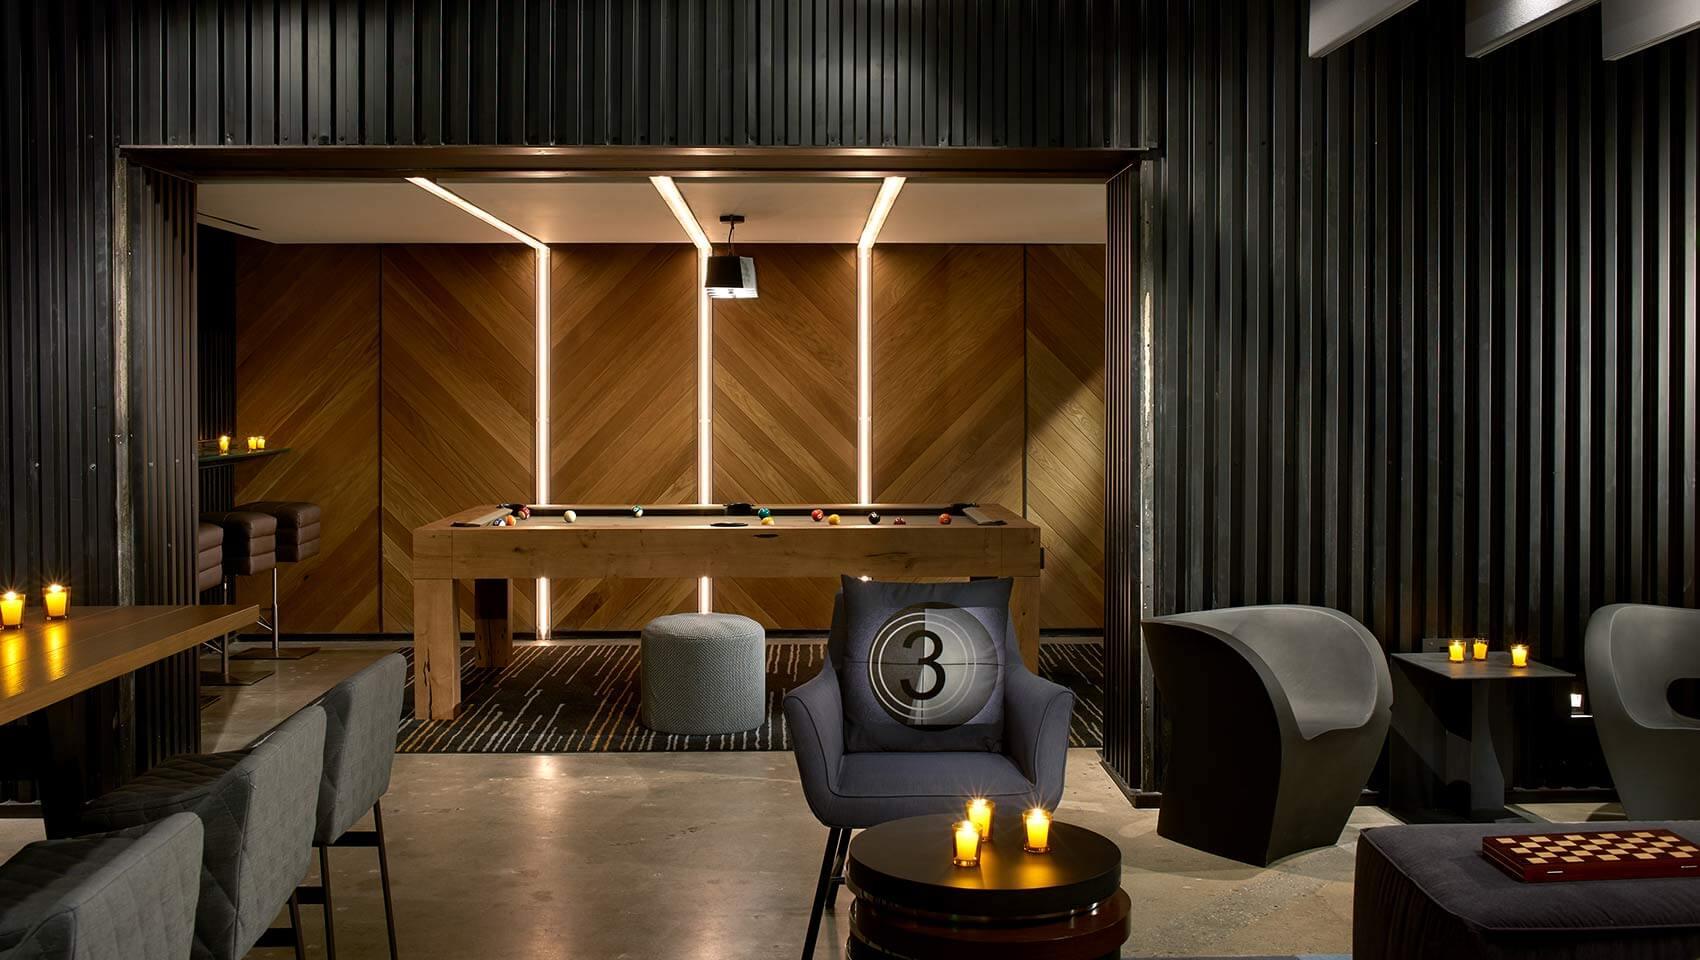 تصویری مربوط به اتاق بازی است که طراحی آن به رنگ قهوه ای و دودی می باشد.